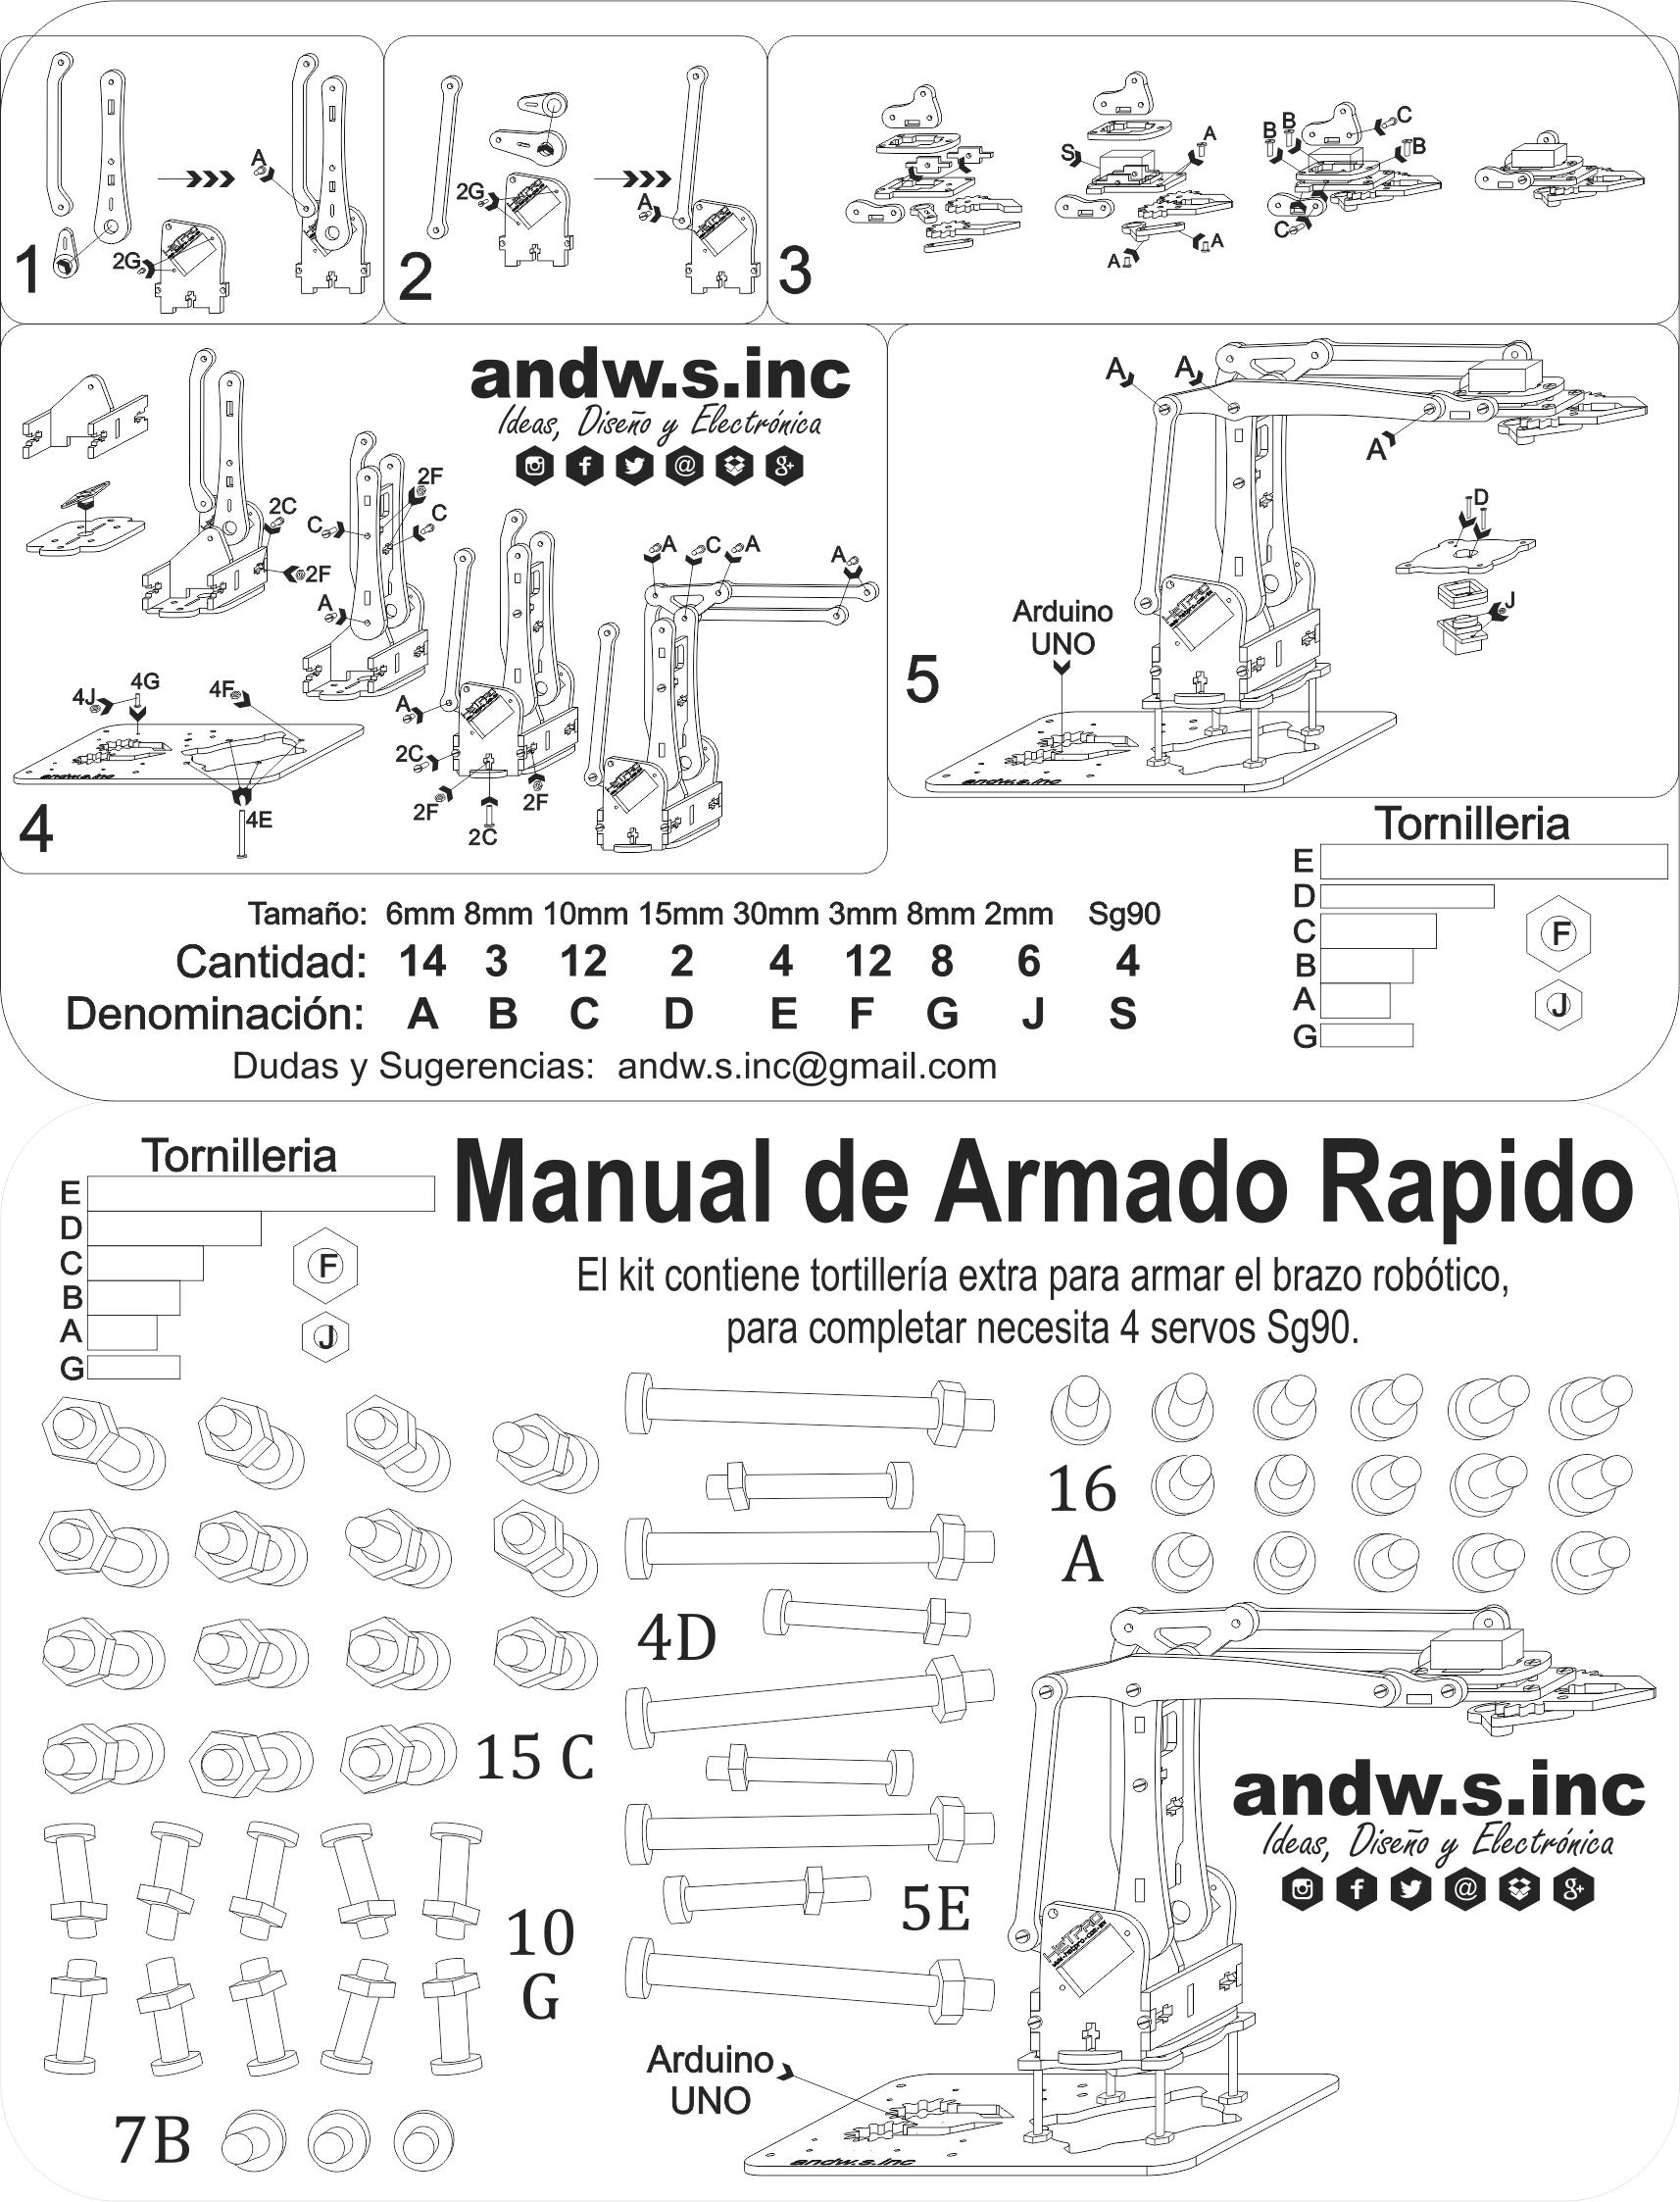 Manual uArm